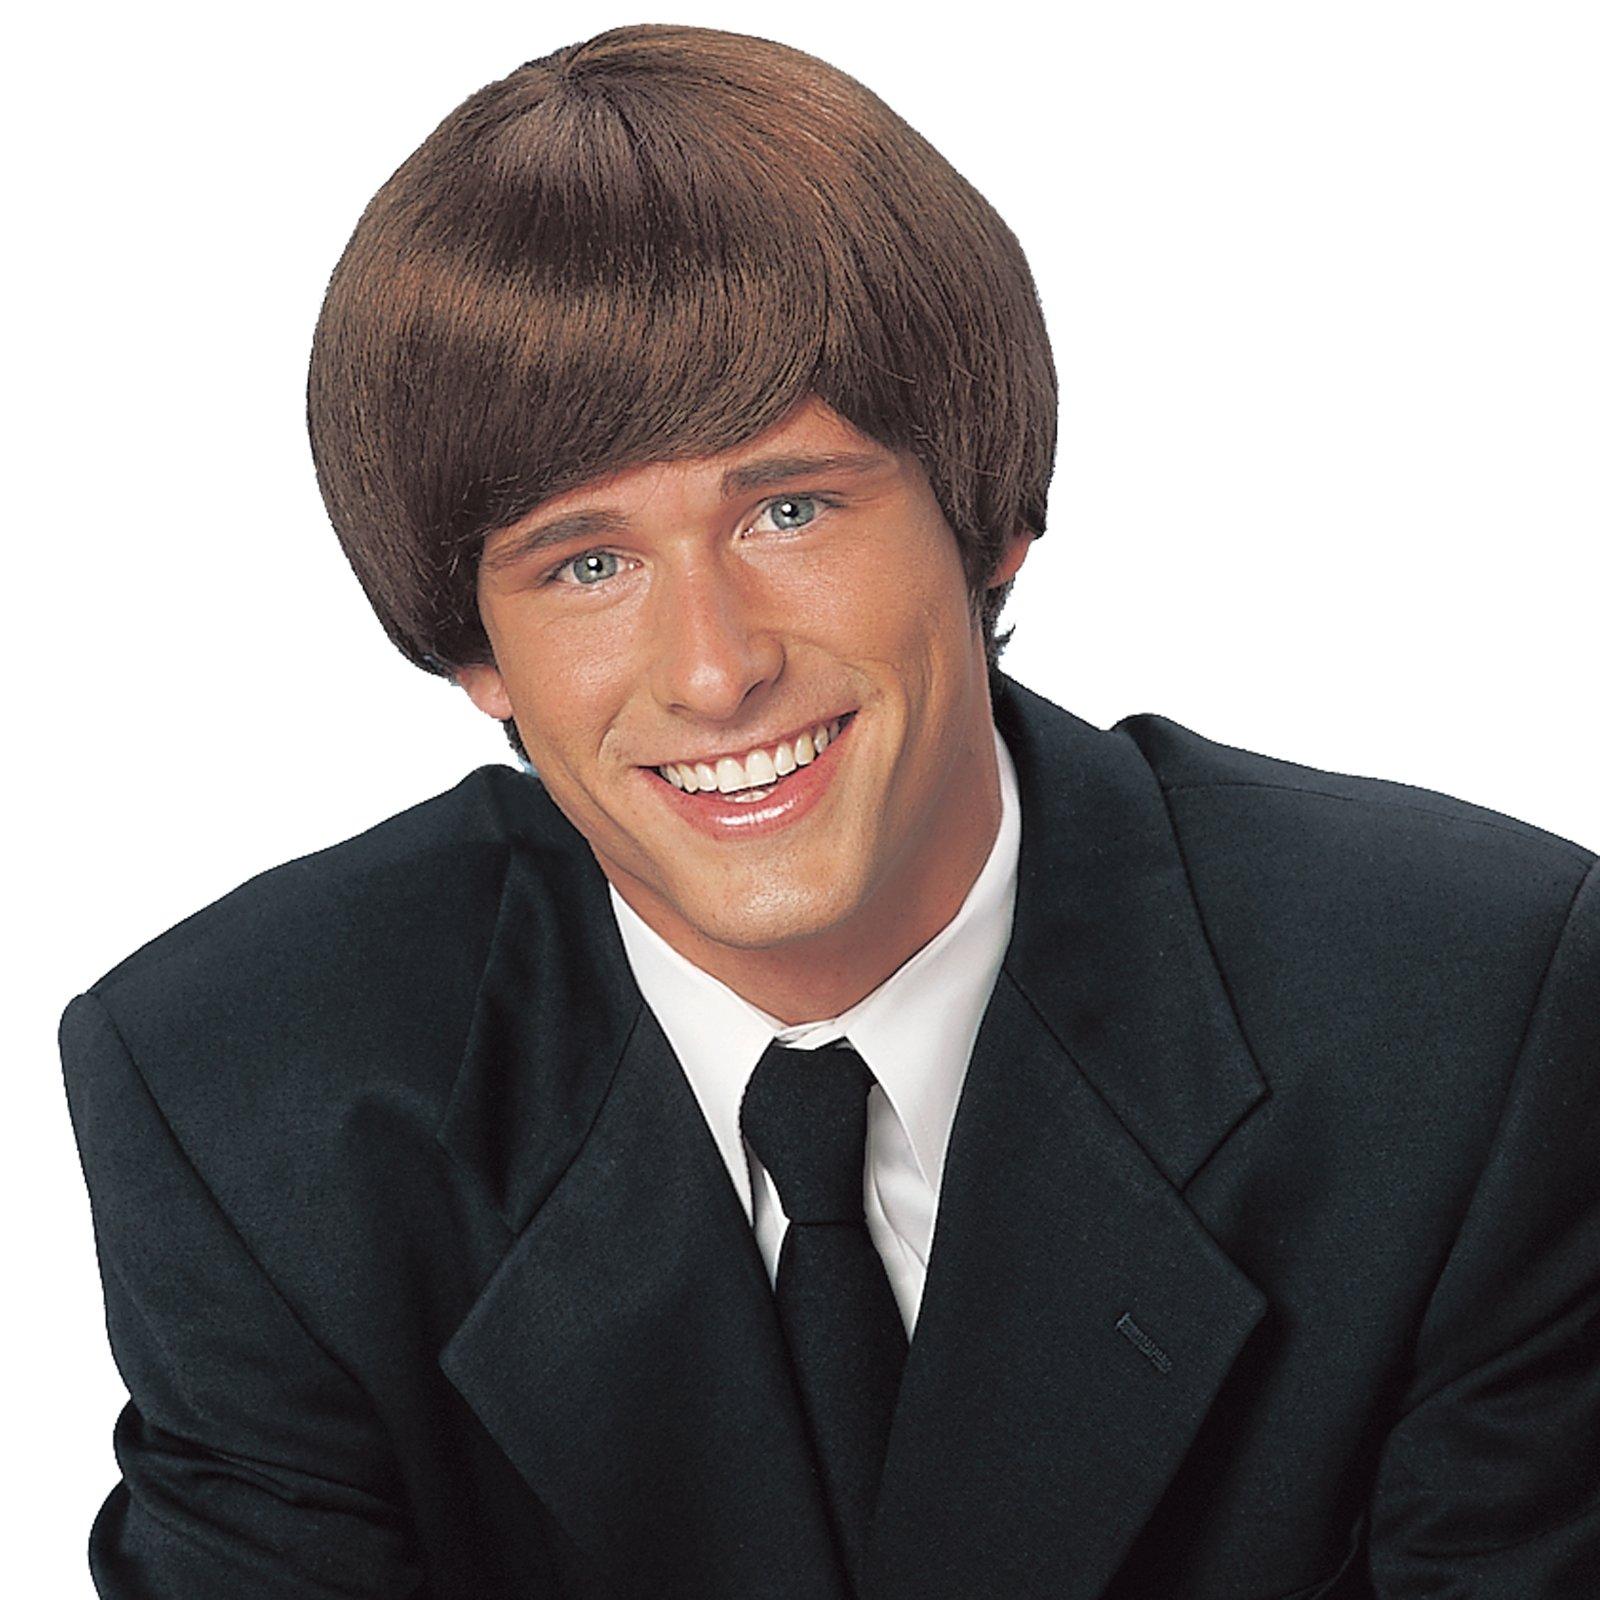 http://2.bp.blogspot.com/-nq7TmohyVkg/TqdeOdhaN7I/AAAAAAAAAp4/T9ear7ADg7A/s1600/1960+hairstyles+men12.jpg